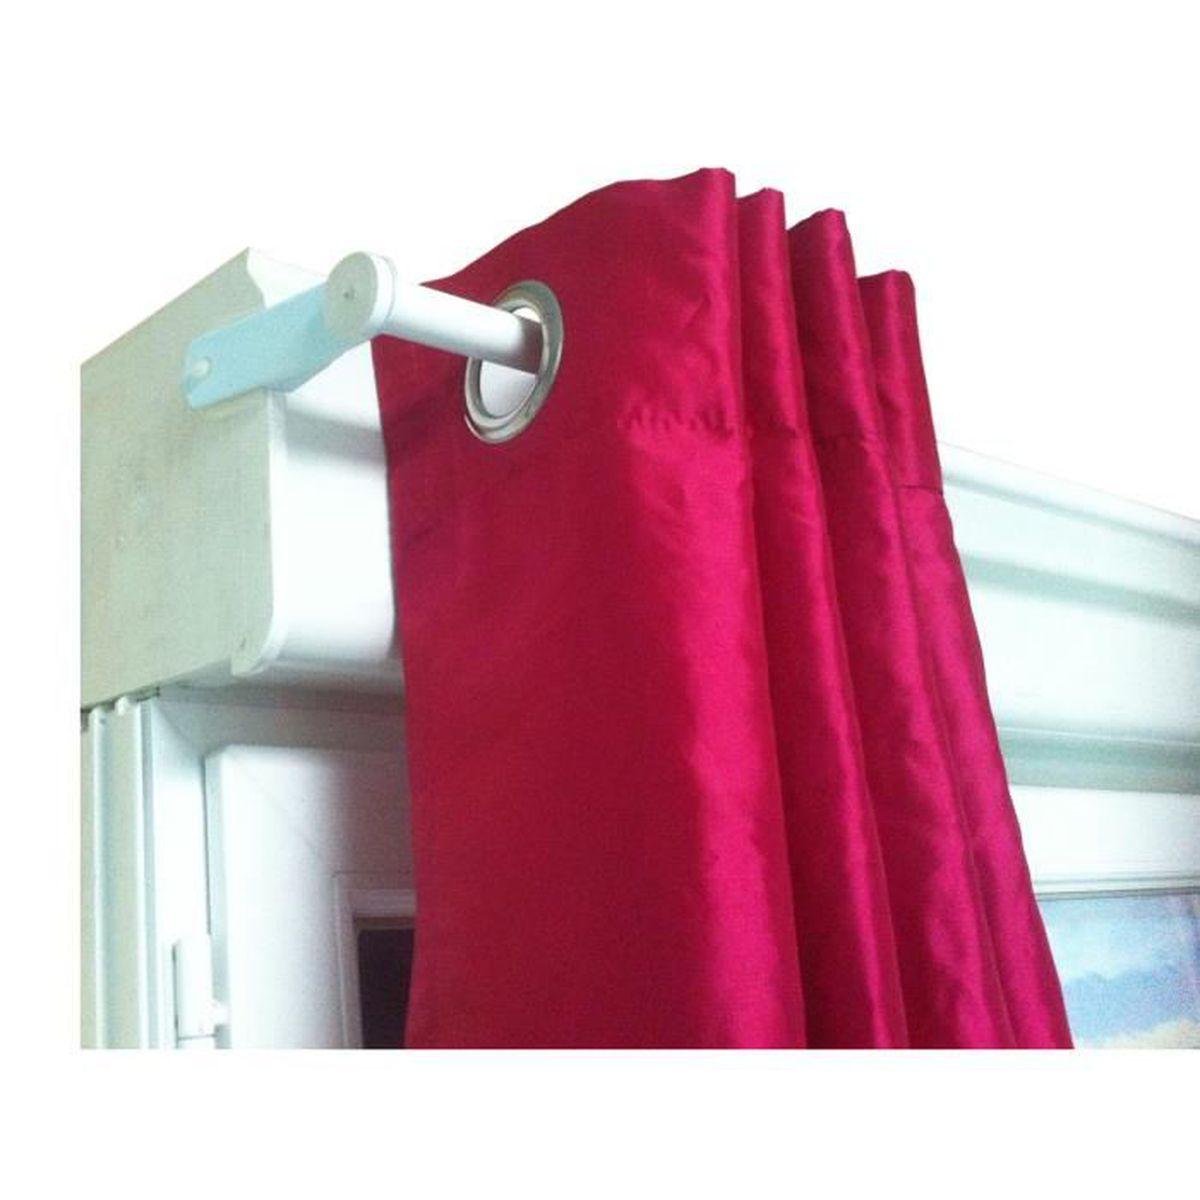 x 39 press kit tringle rideau sp cial caisson d16 d19mm blanc achat vente tringle a rideau. Black Bedroom Furniture Sets. Home Design Ideas